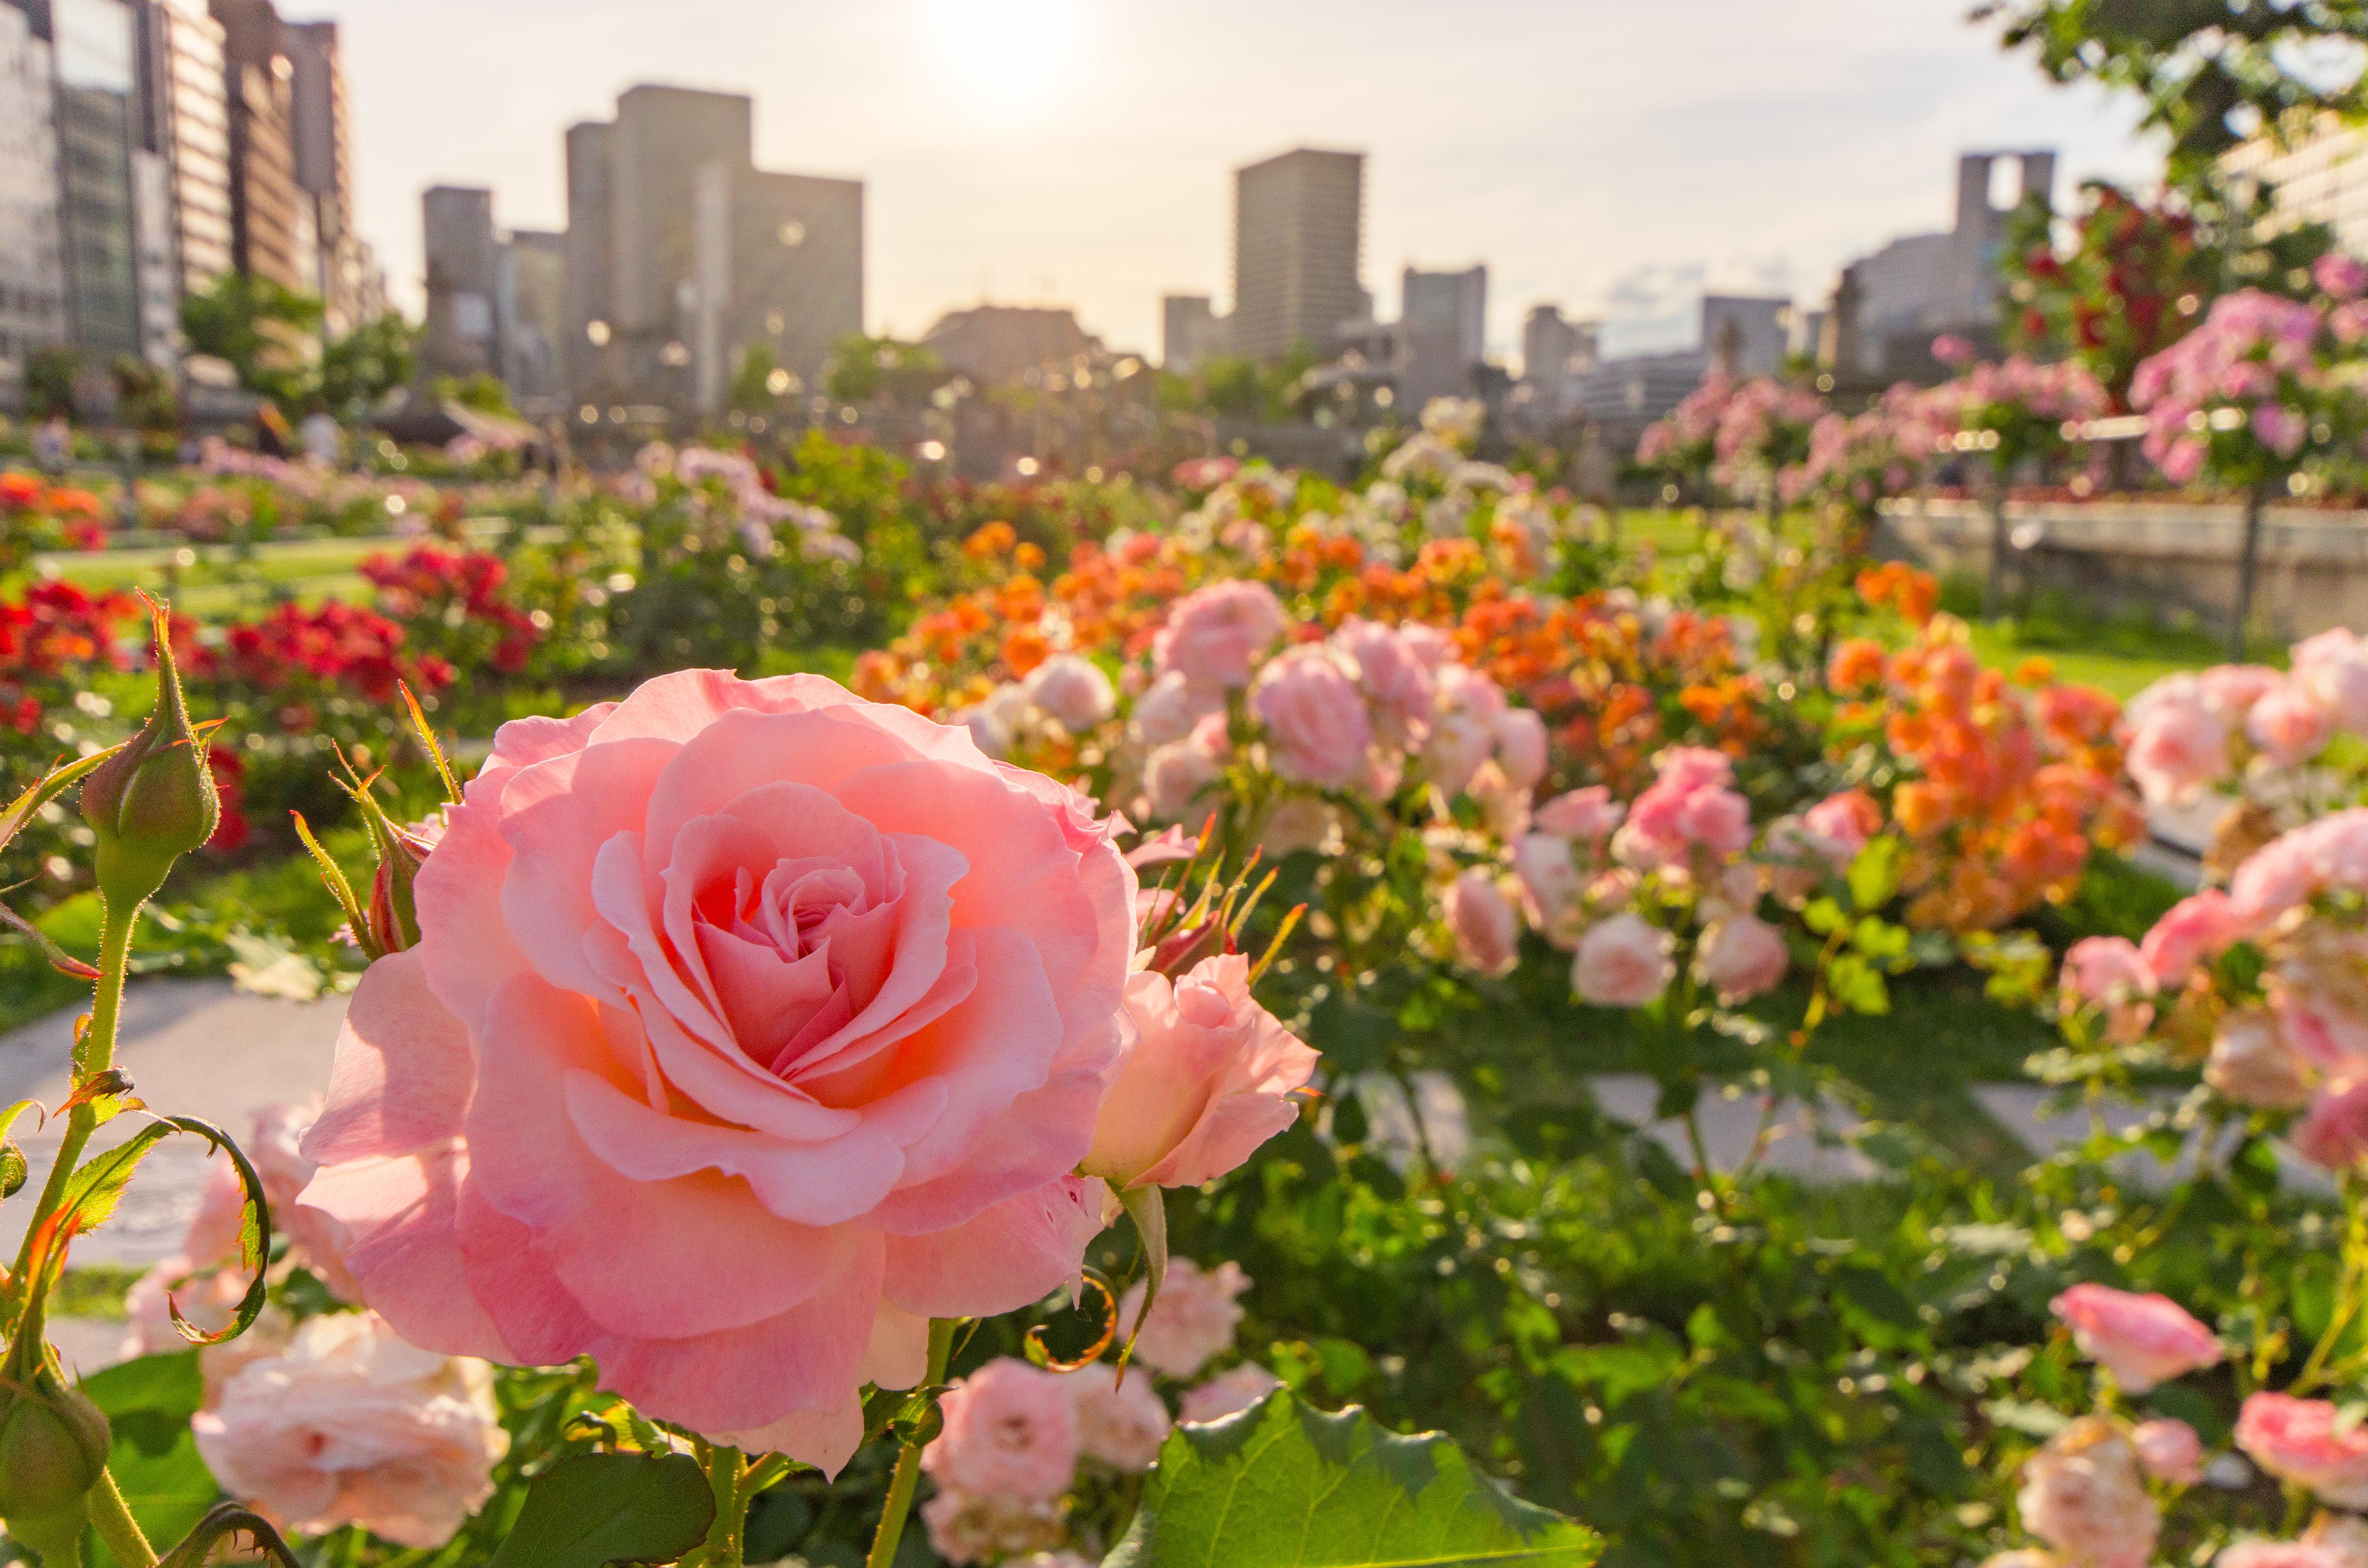 作品名:夕陽に花束を / 撮影場所:中之島バラ園 / 撮影者:AkiraSSSさん